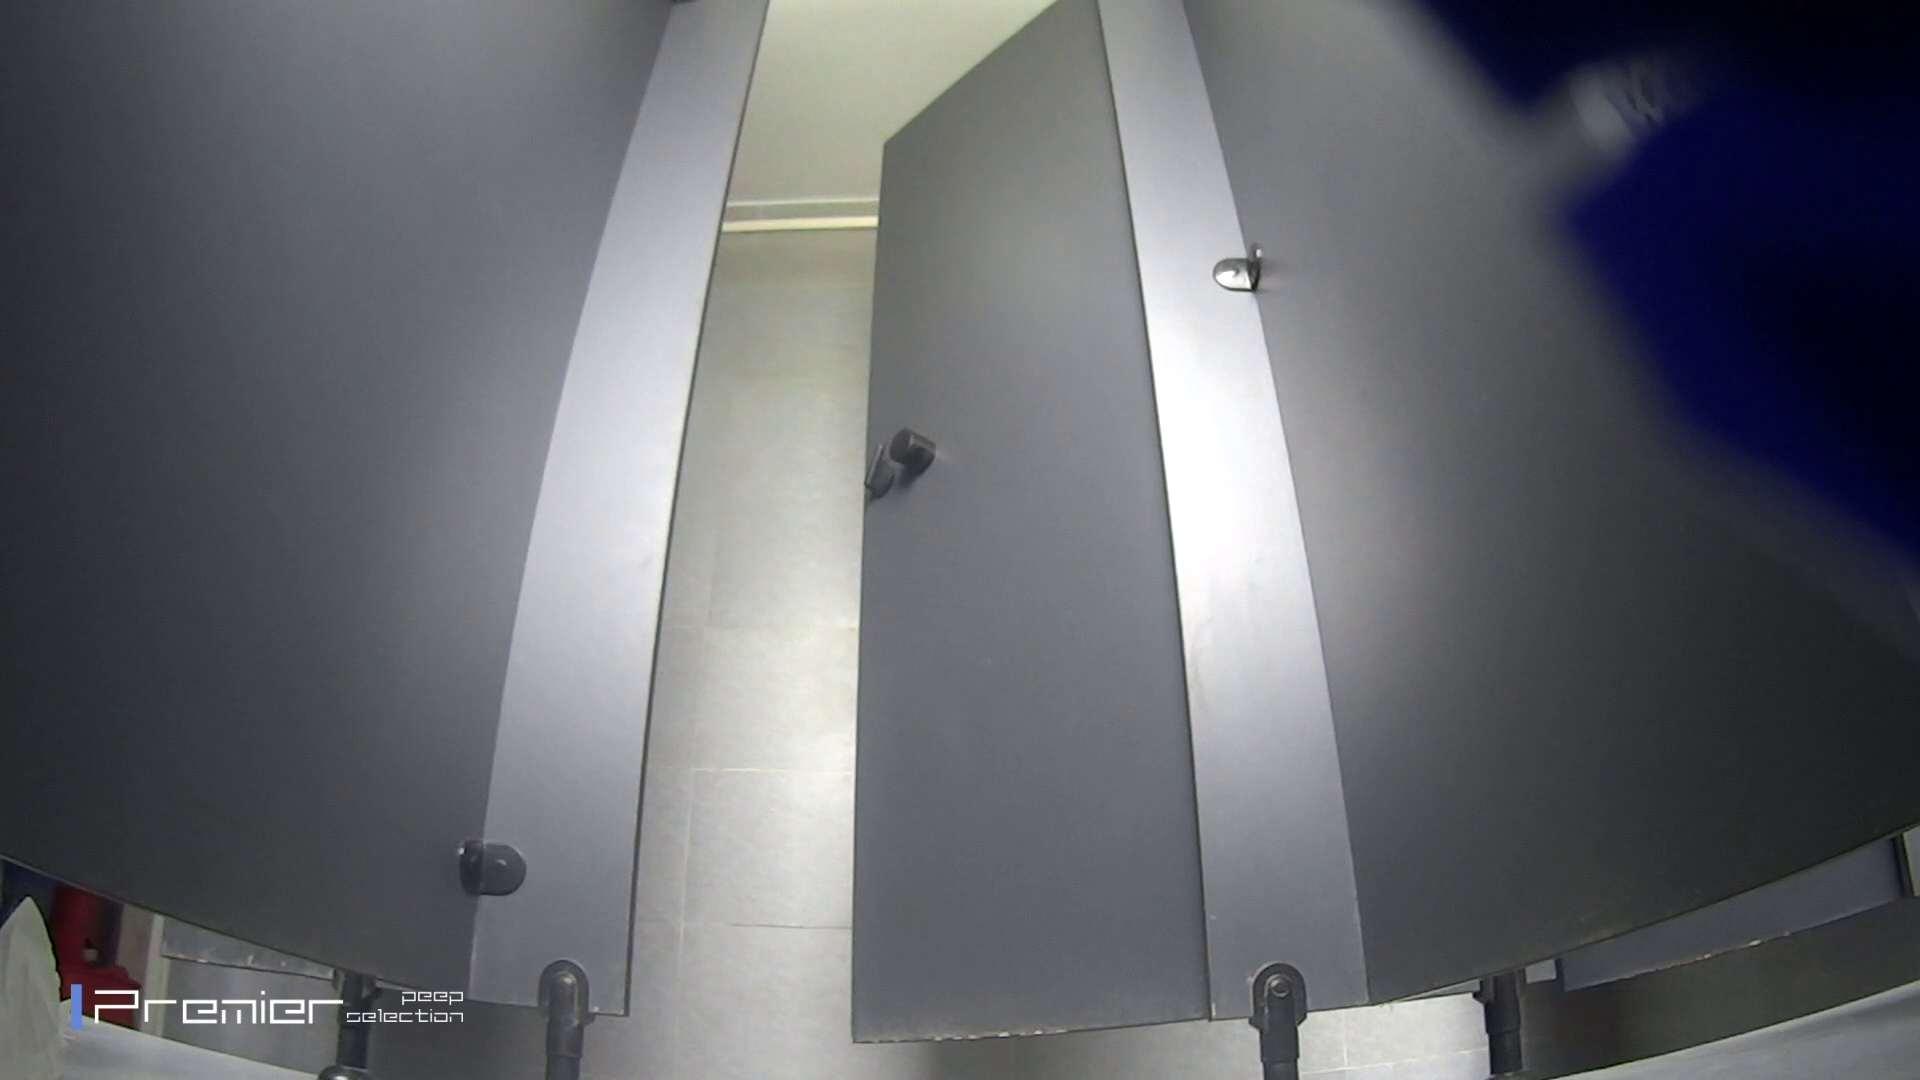 ツンデレお女市さんのトイレ事情 大学休憩時間の洗面所事情32 美女 のぞき濡れ場動画紹介 25pic 13